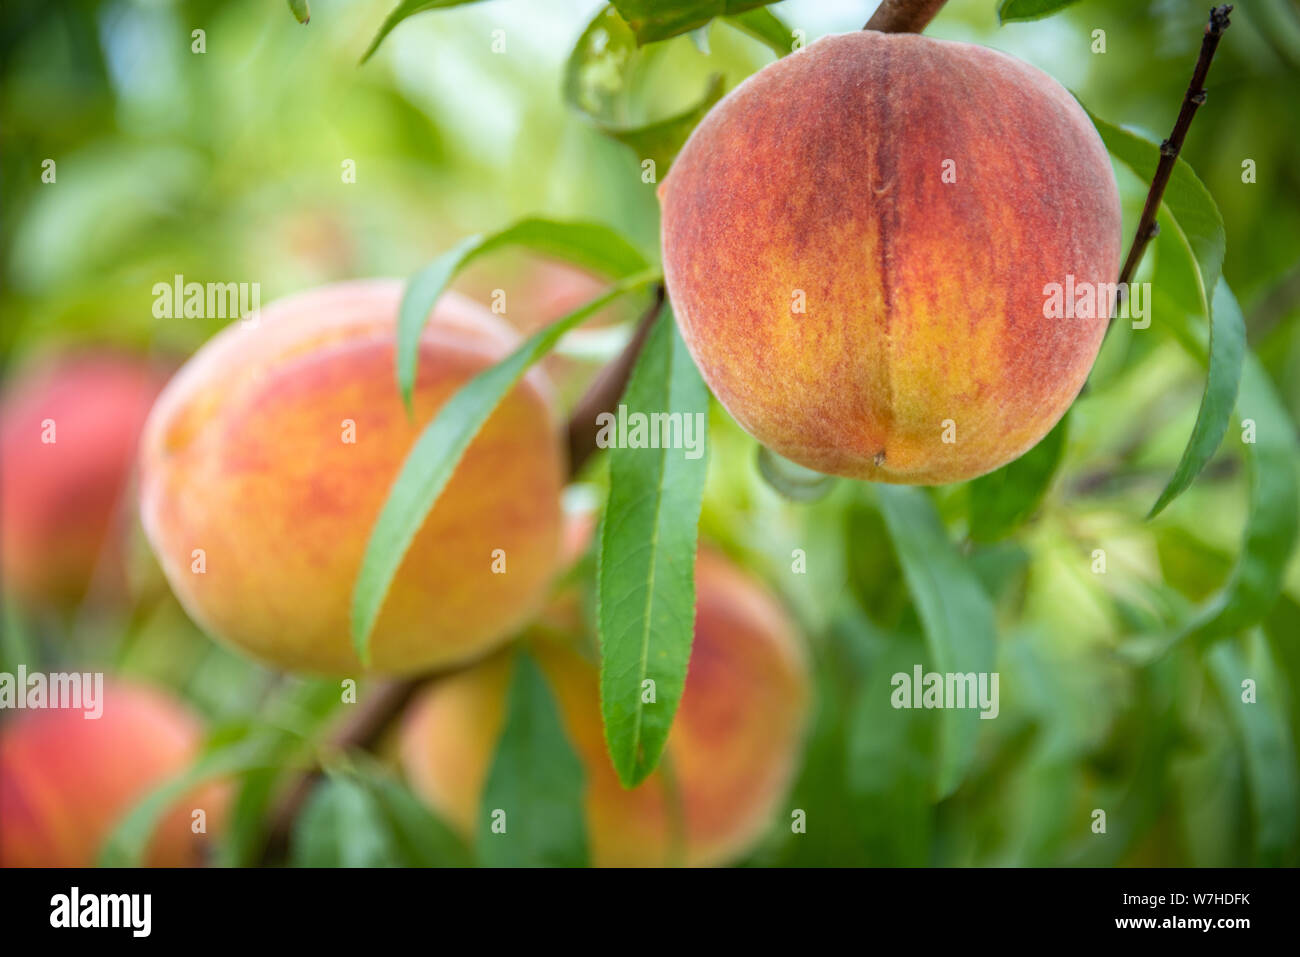 Georgia Peach Tree Stock Photos & Georgia Peach Tree Stock